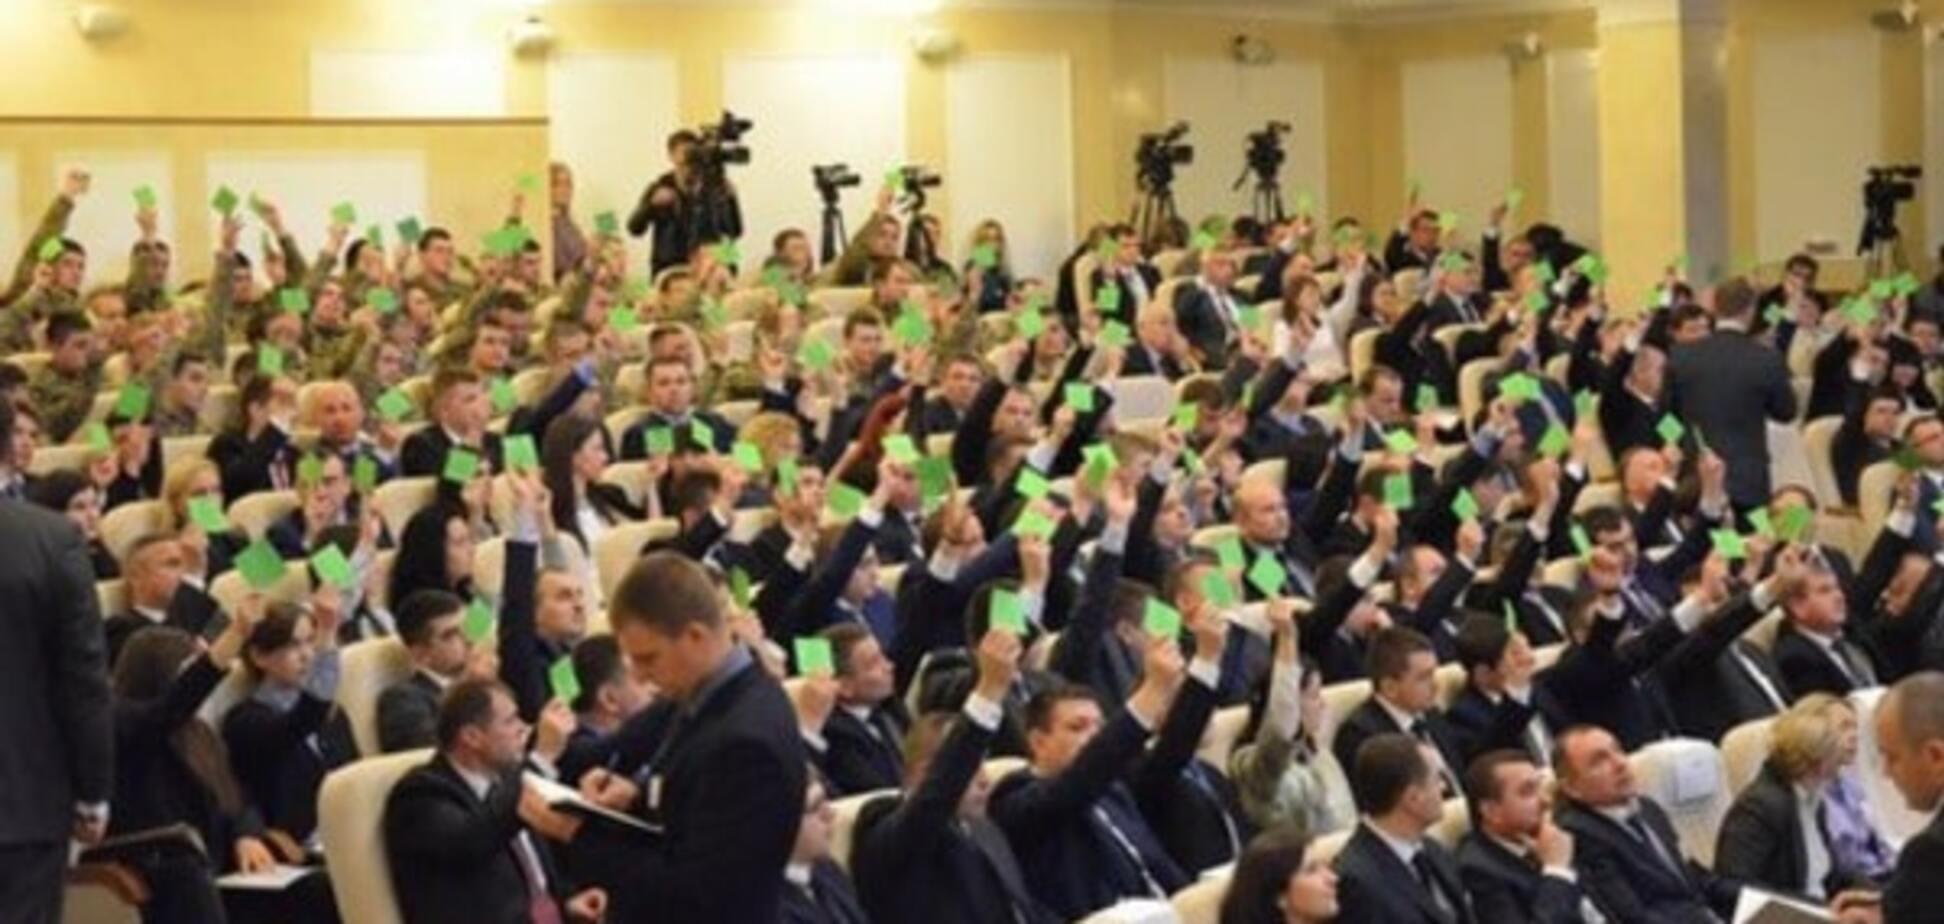 Рада прокурорів стала повноважною: обрано керівництво